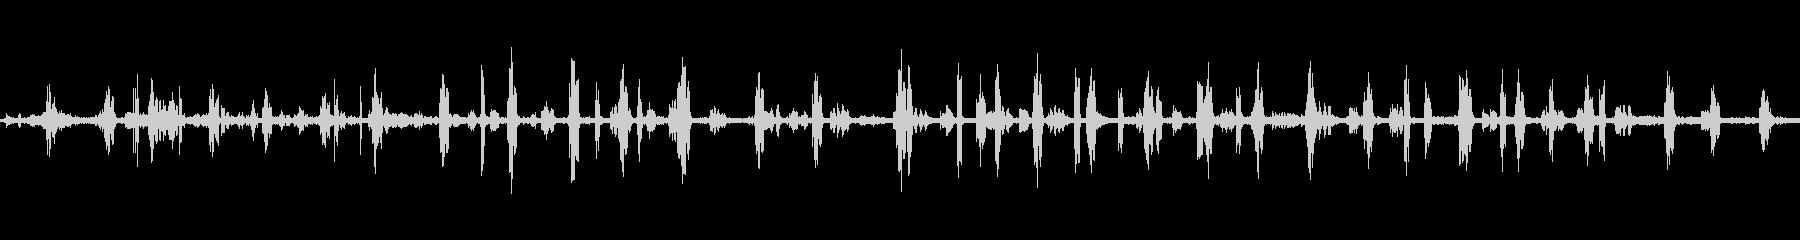 軽井沢の野鳥たち2の未再生の波形